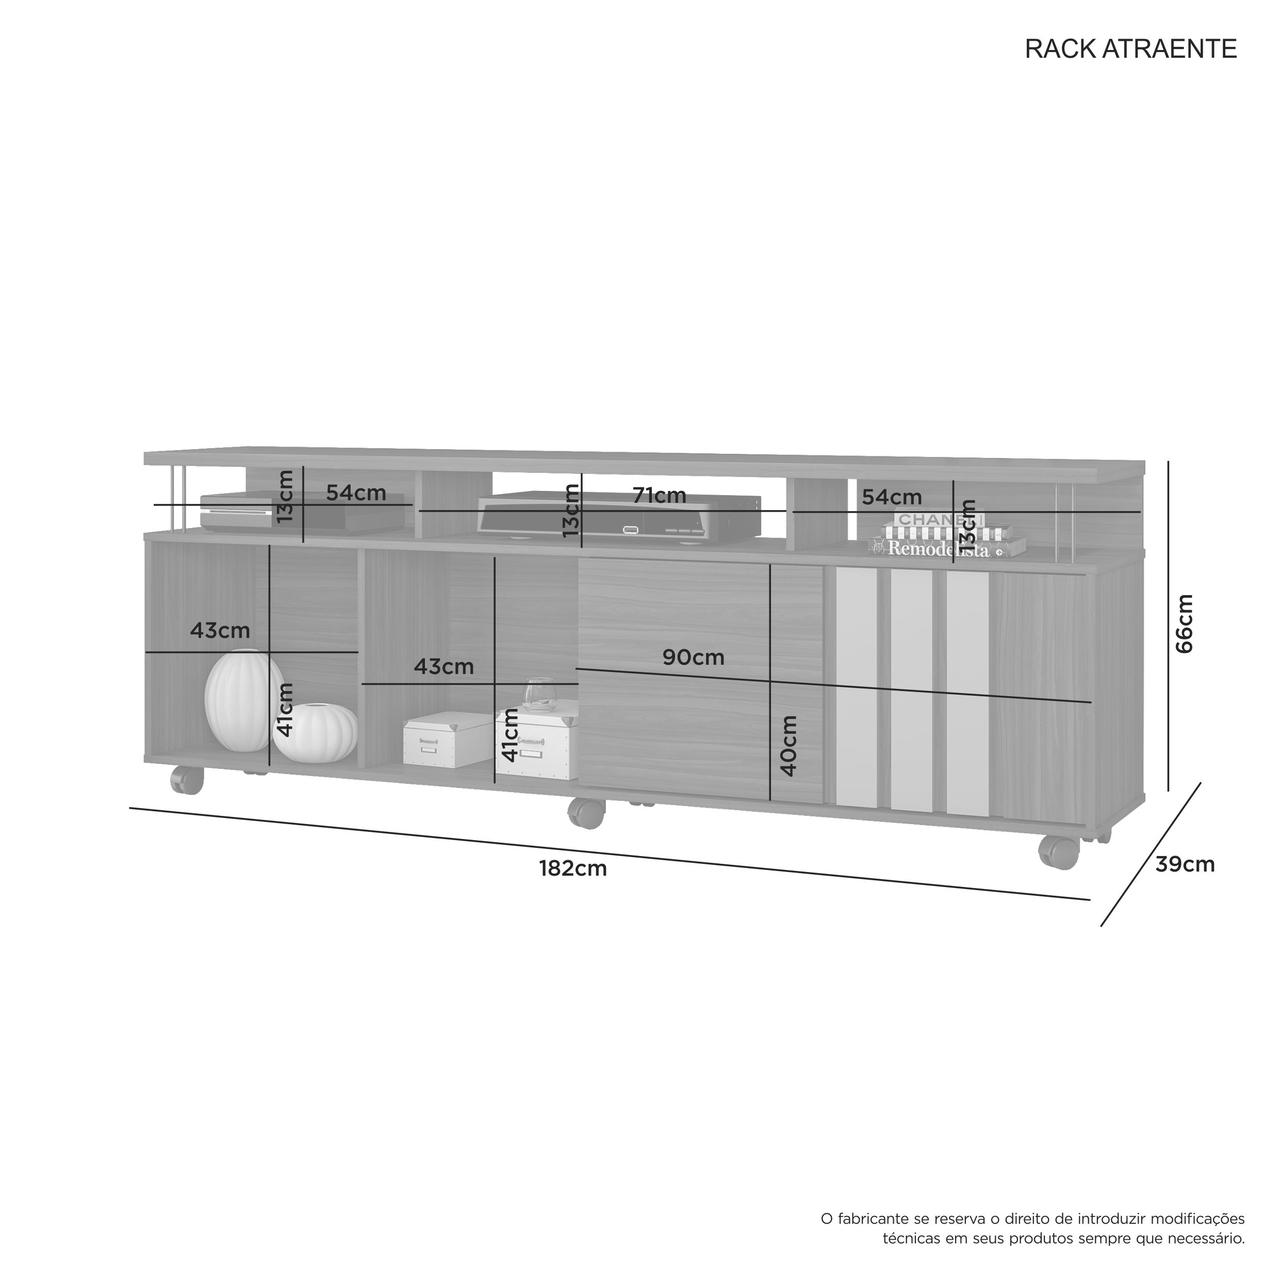 Rack Atraente para  TV de até 75 Polegadas Jcm Móveis